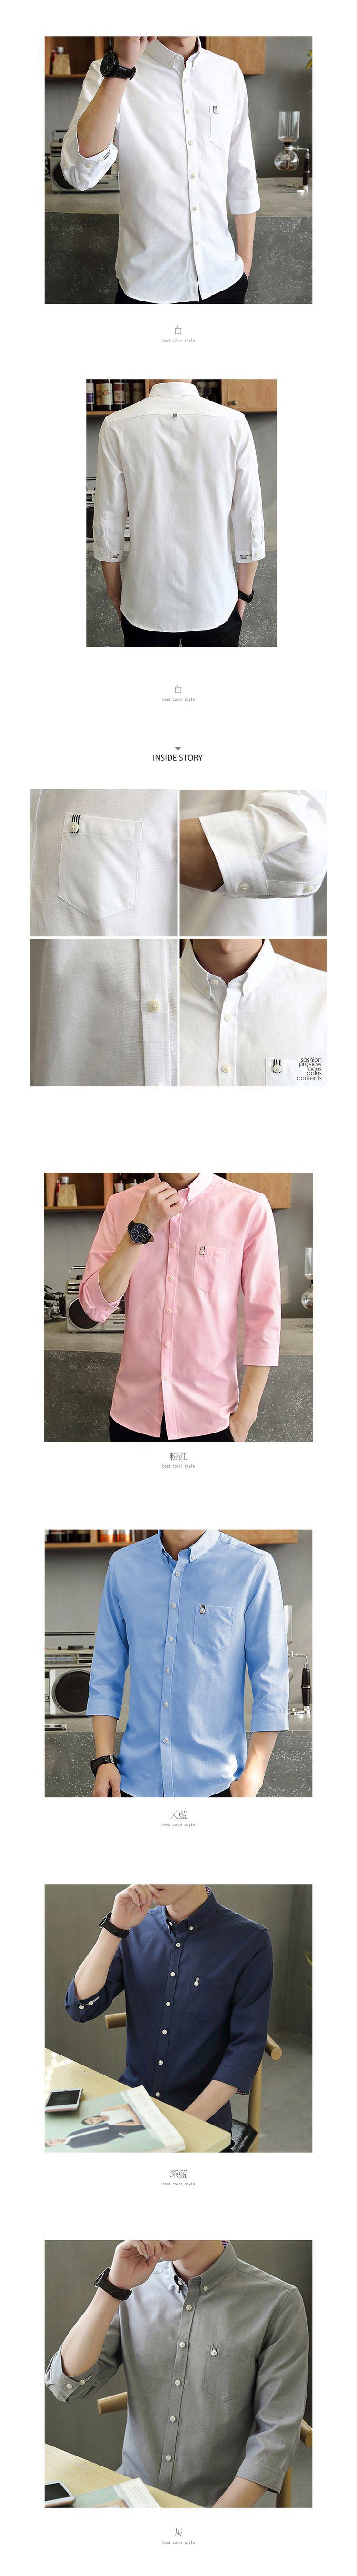 職場必備單品.條紋織帶七分袖襯衫